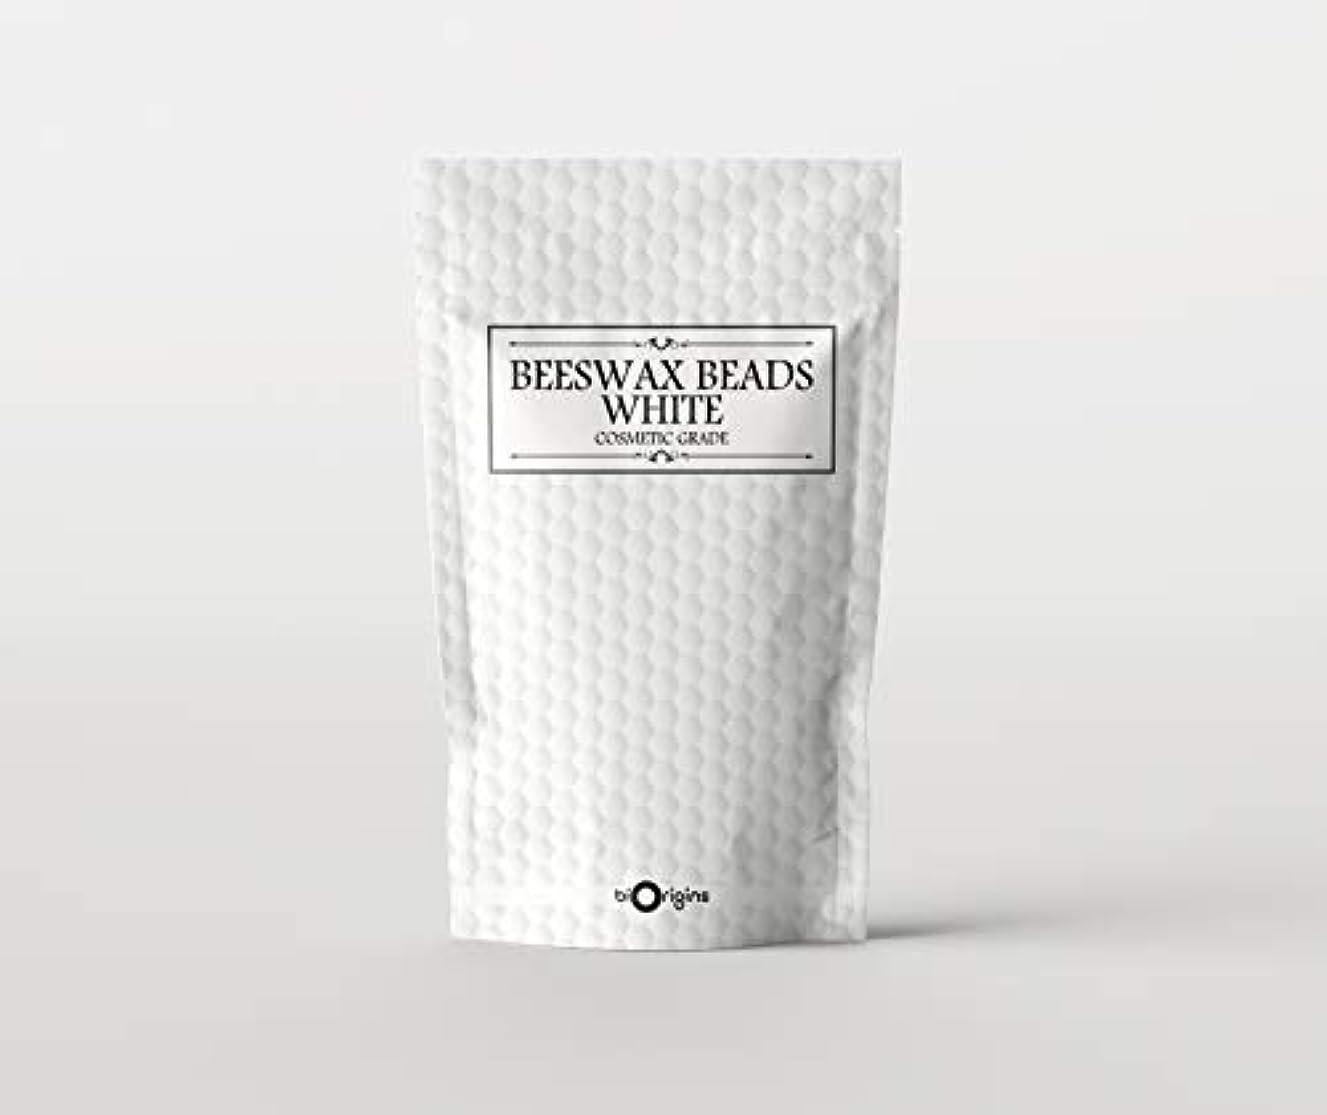 州二フリルBeeswax Beads White - Cosmetic Grade - 500g